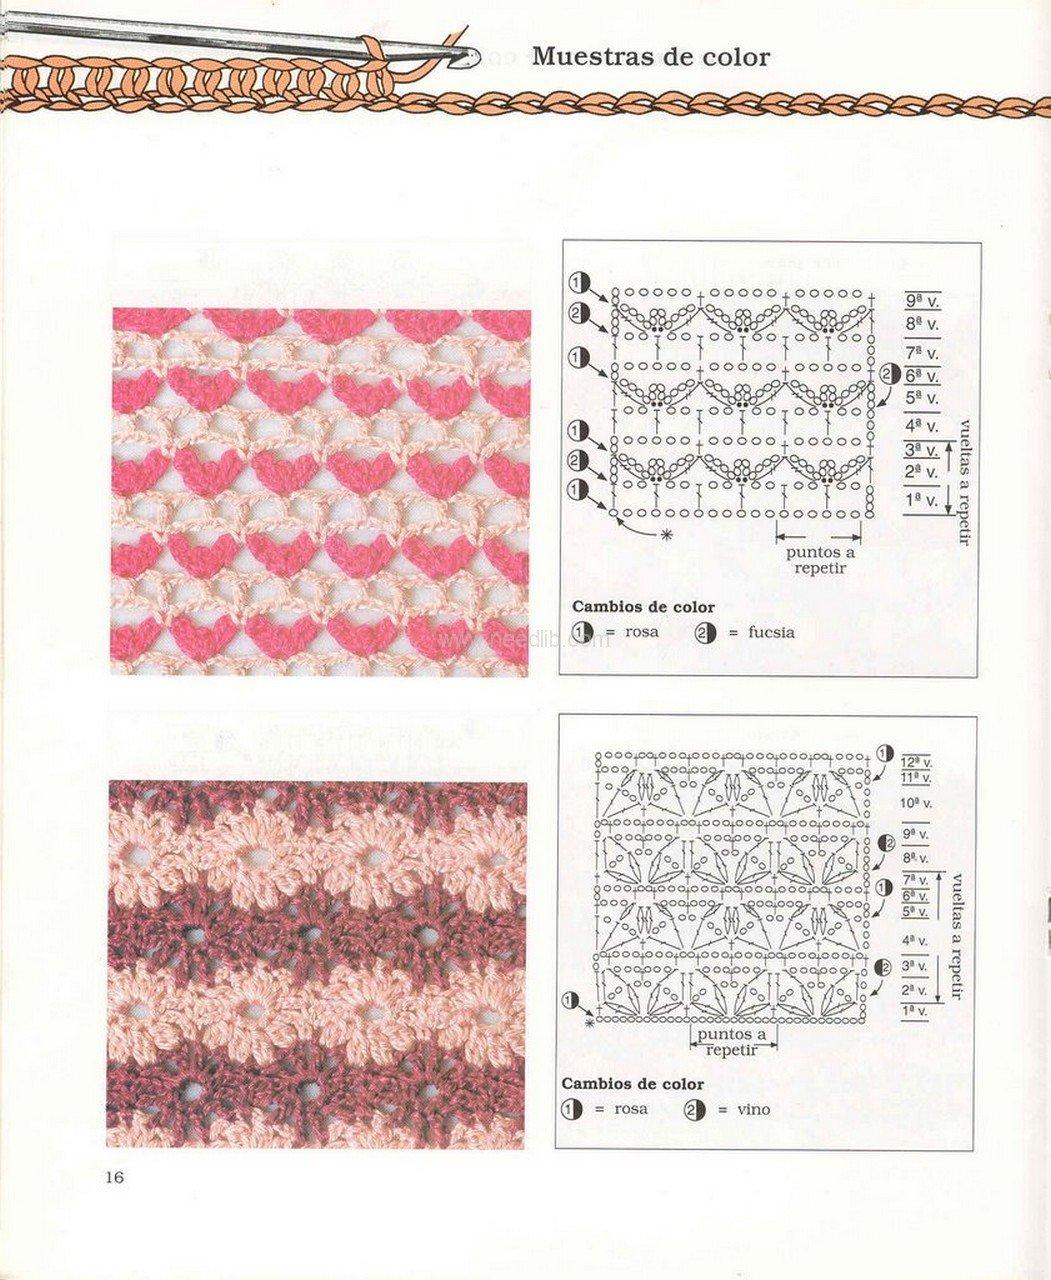 Узоры (2 -х цветные) Записи в рубрике - узоры (2-х цветные) 19